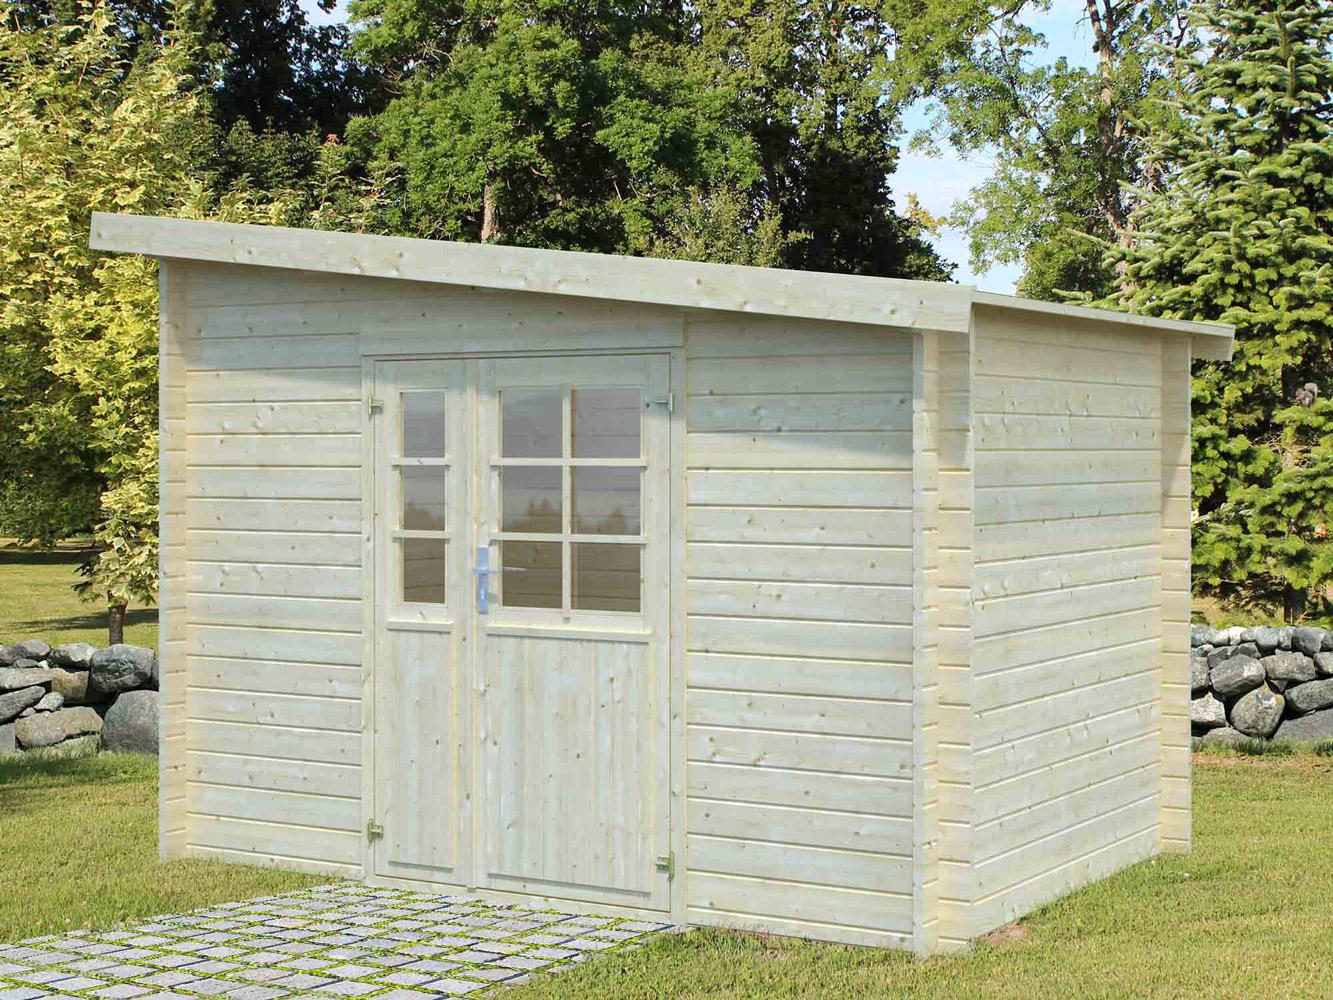 Abri De Jardin Bois Labeaume 9.86 M² Adossable - Oogarden encequiconcerne Abri De Jardin Adossable 20M2